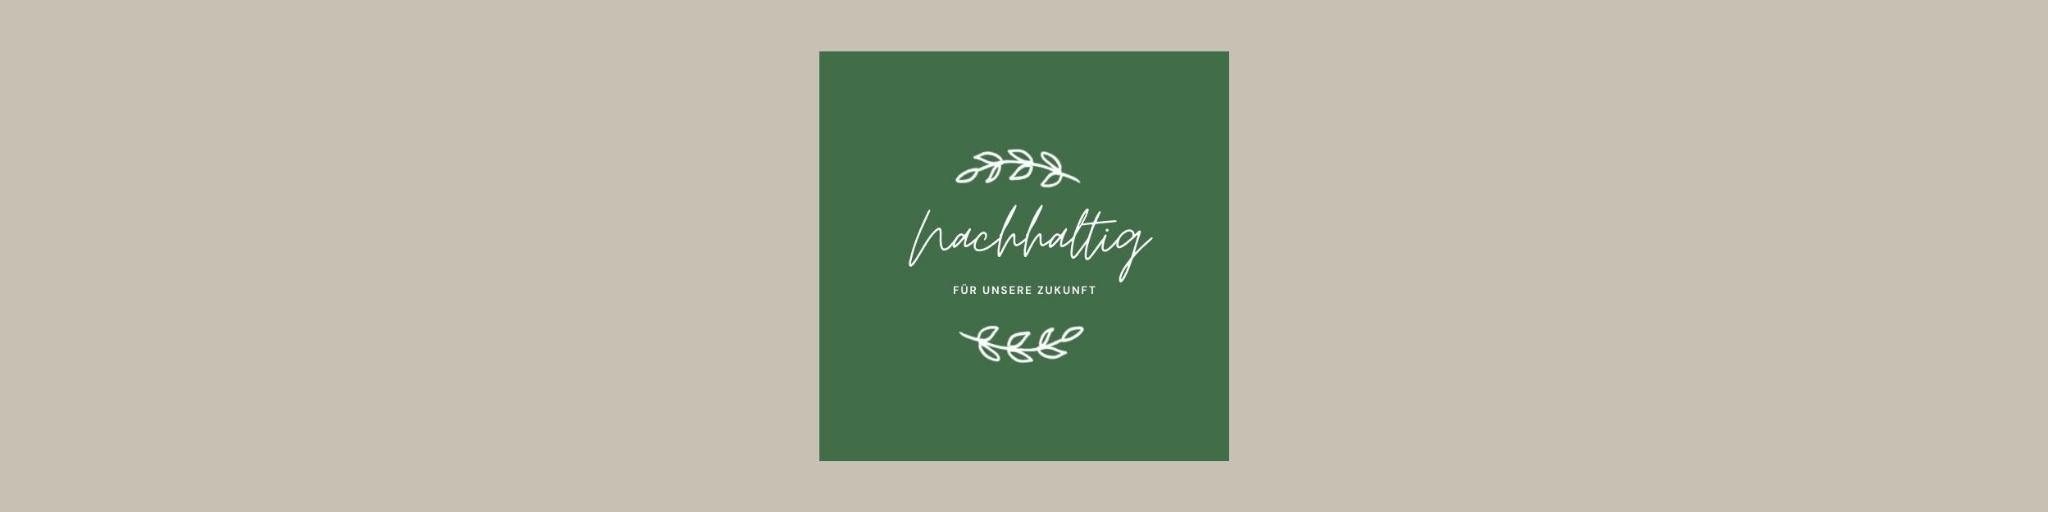 Nachhaltig4future (@nachhaltig4future) Cover Image